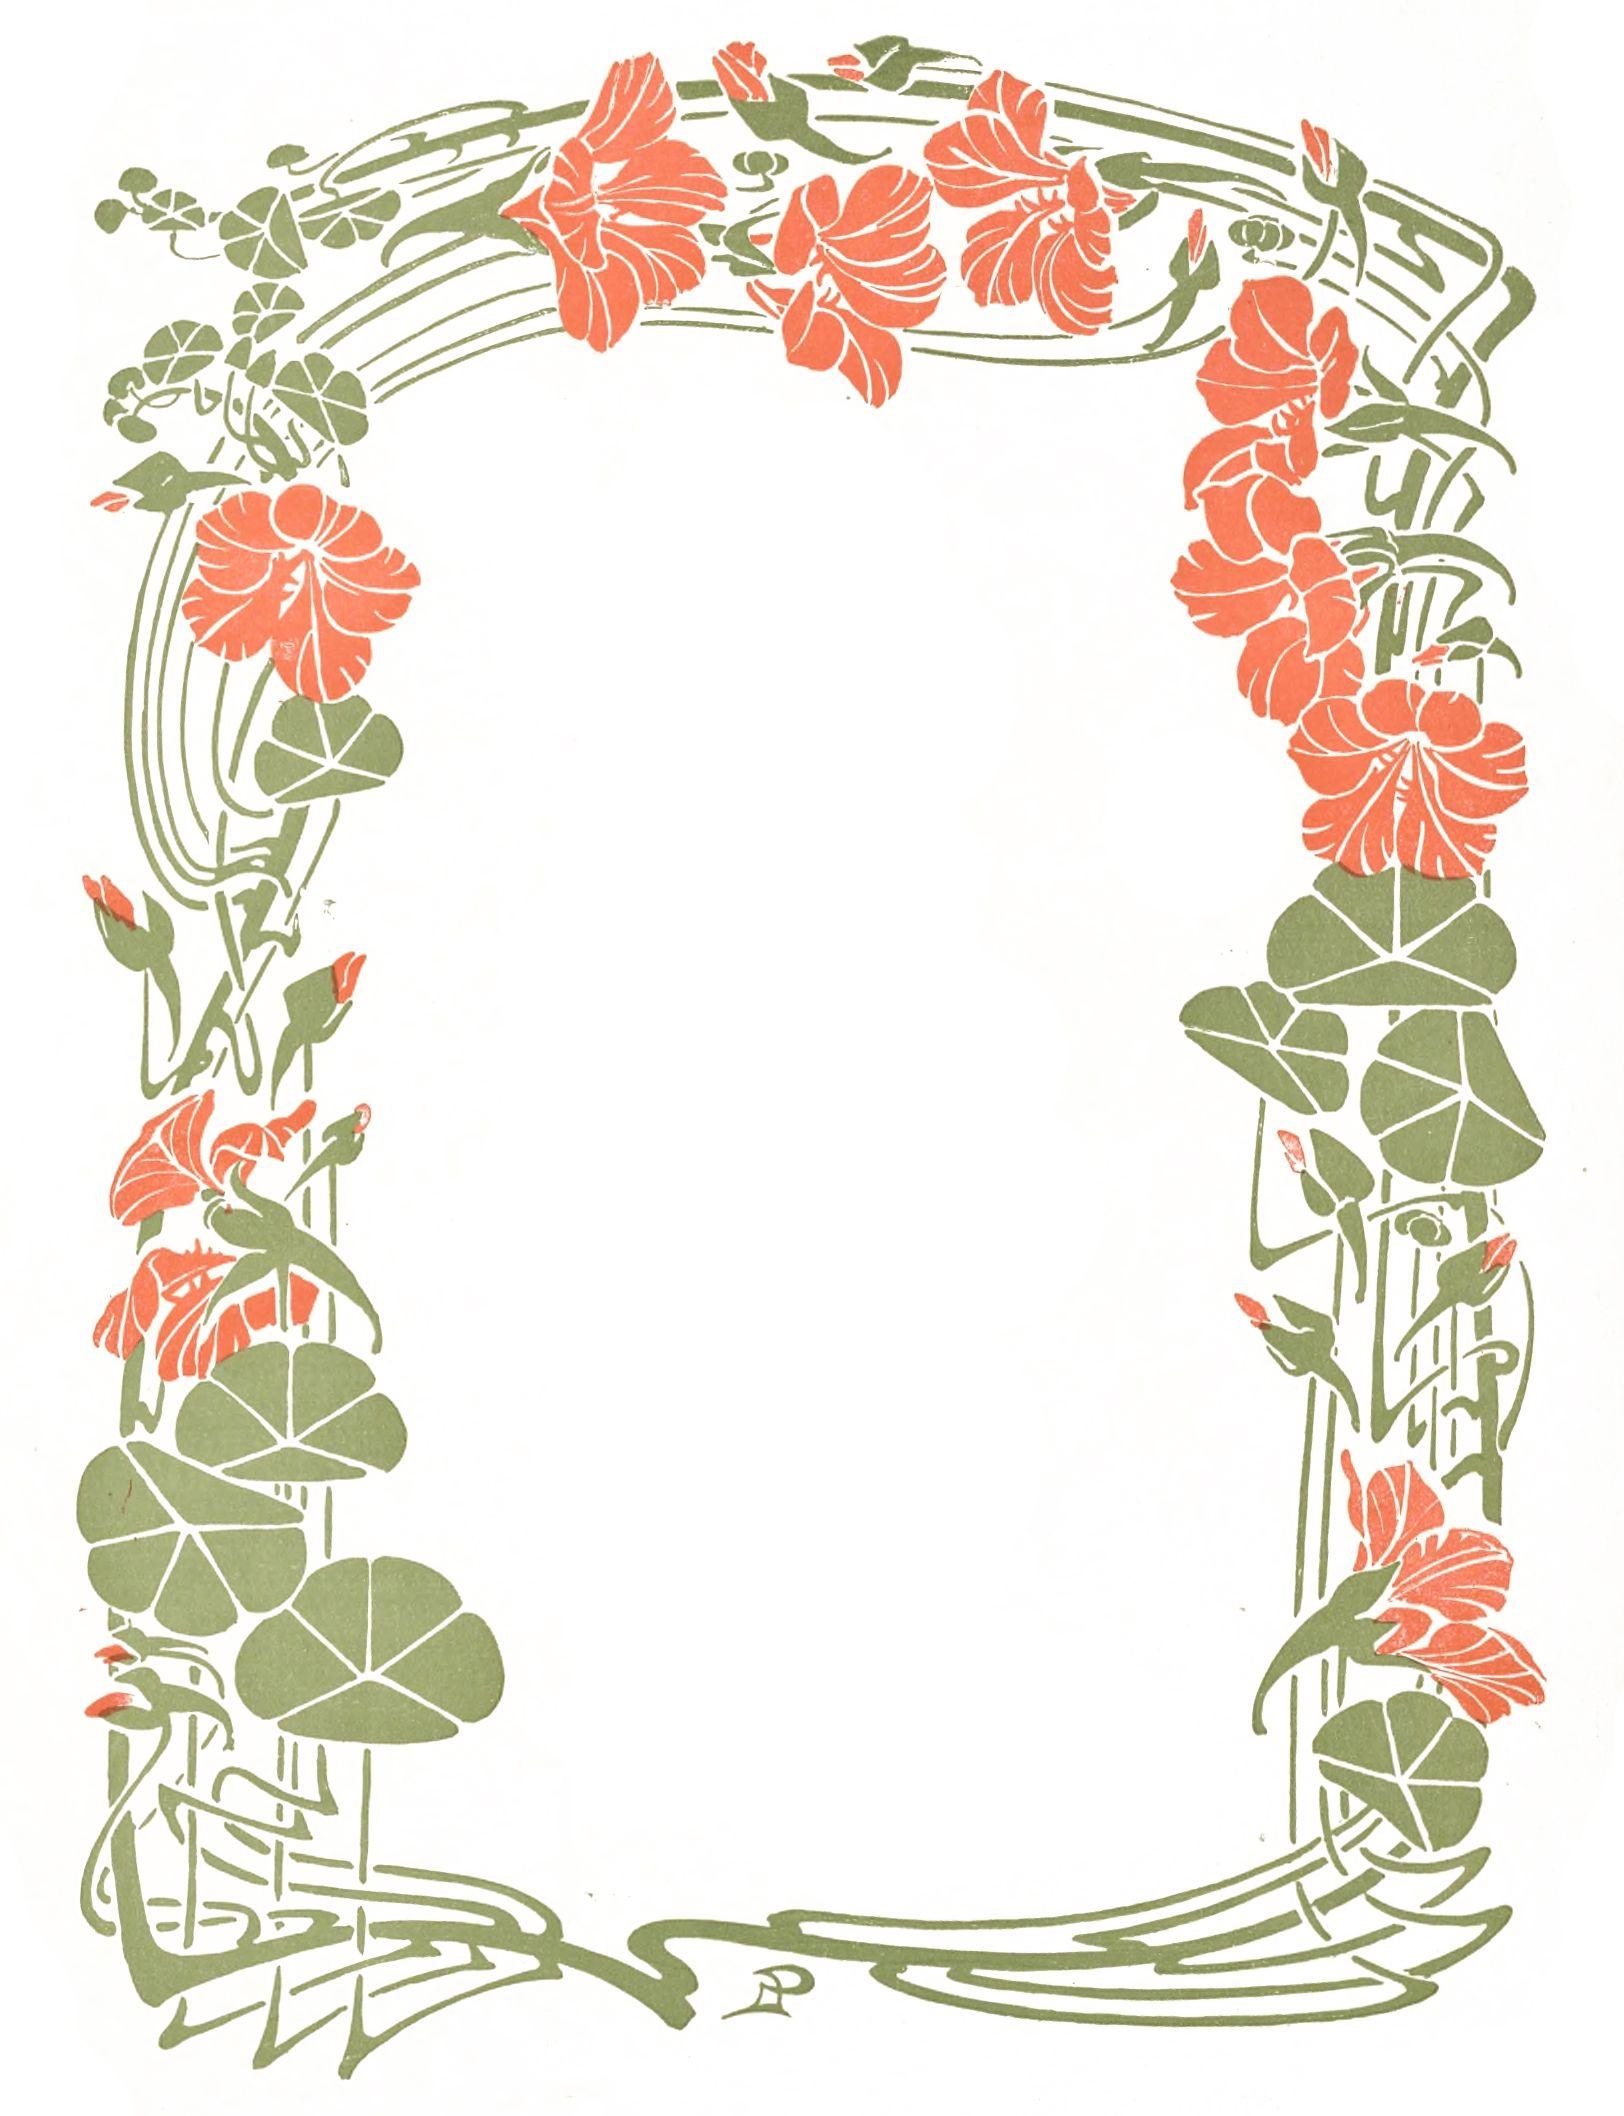 vintage art nouveau decorative floral frame borad 1 in 2019. Black Bedroom Furniture Sets. Home Design Ideas